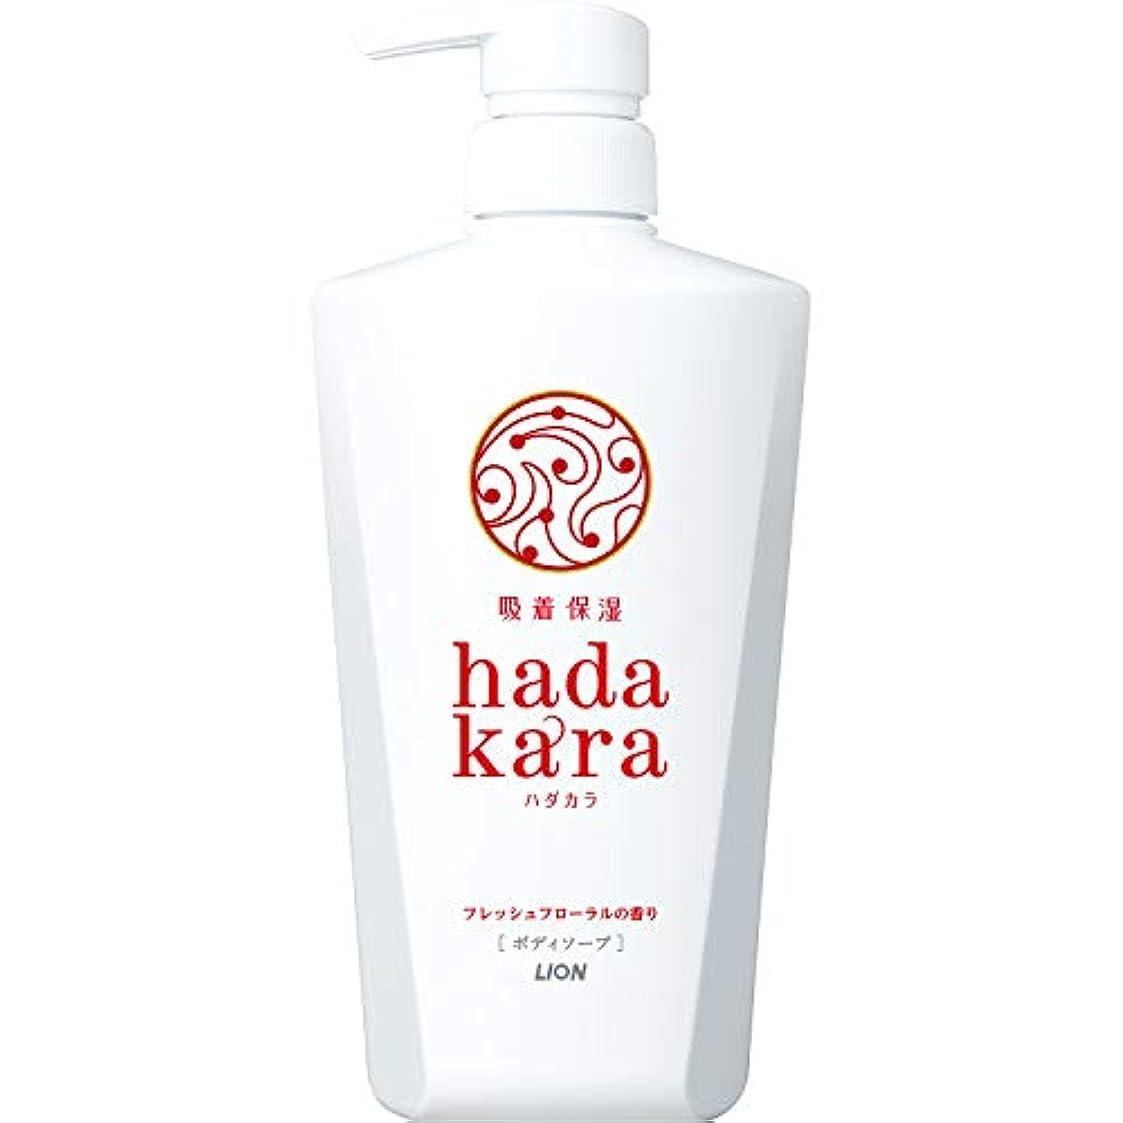 ティーンエイジャープーノ冗長hadakara(ハダカラ) ボディソープ フローラルブーケの香り 本体 500ml